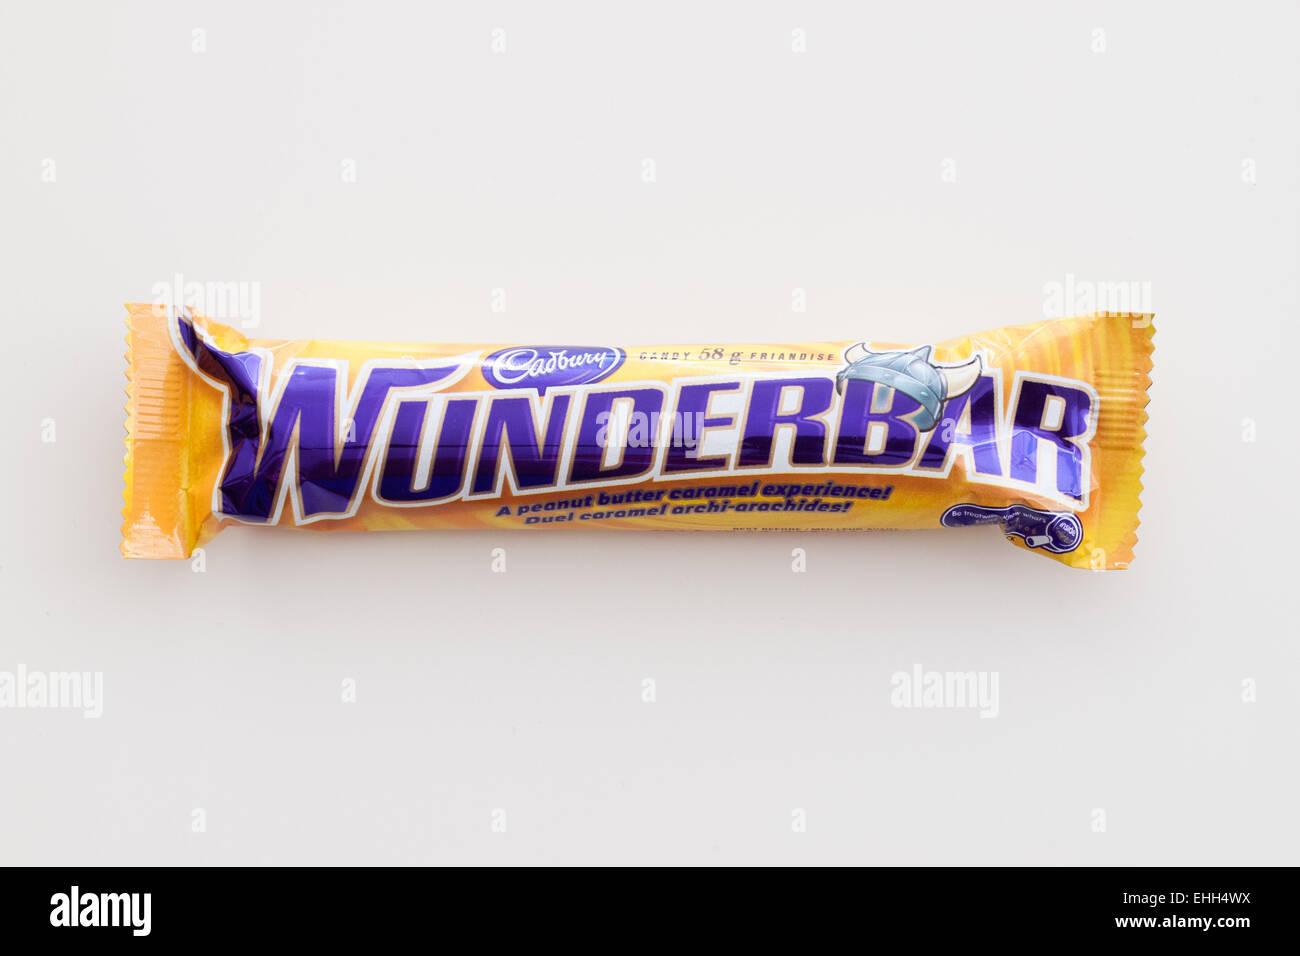 Ein Cadbury Wunderbar Schokoriegel Die In Kanada Und Deutschland